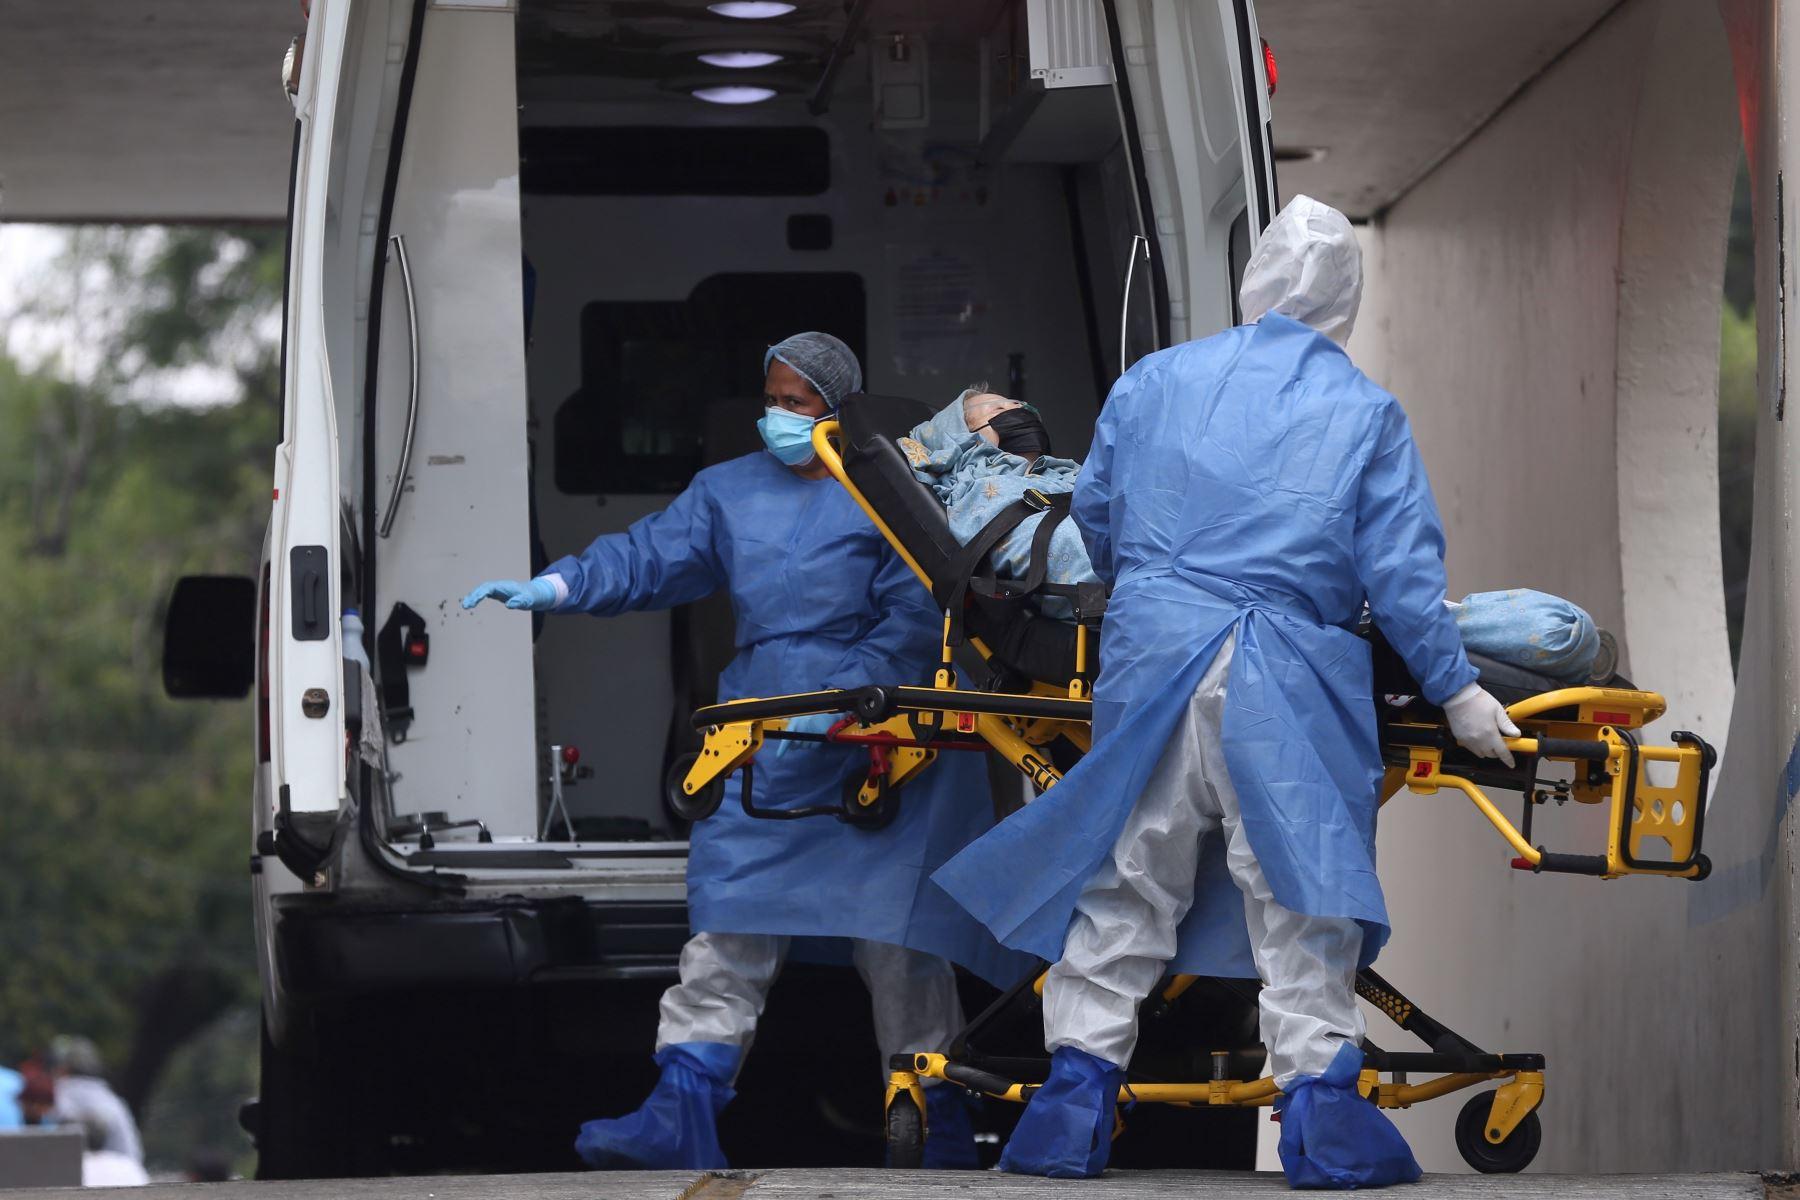 Trabajadores de salud trasladan a una persona infectada por covid-19 en el área de emergencias del Hospital General de la Ciudad de México. Foto: EFE